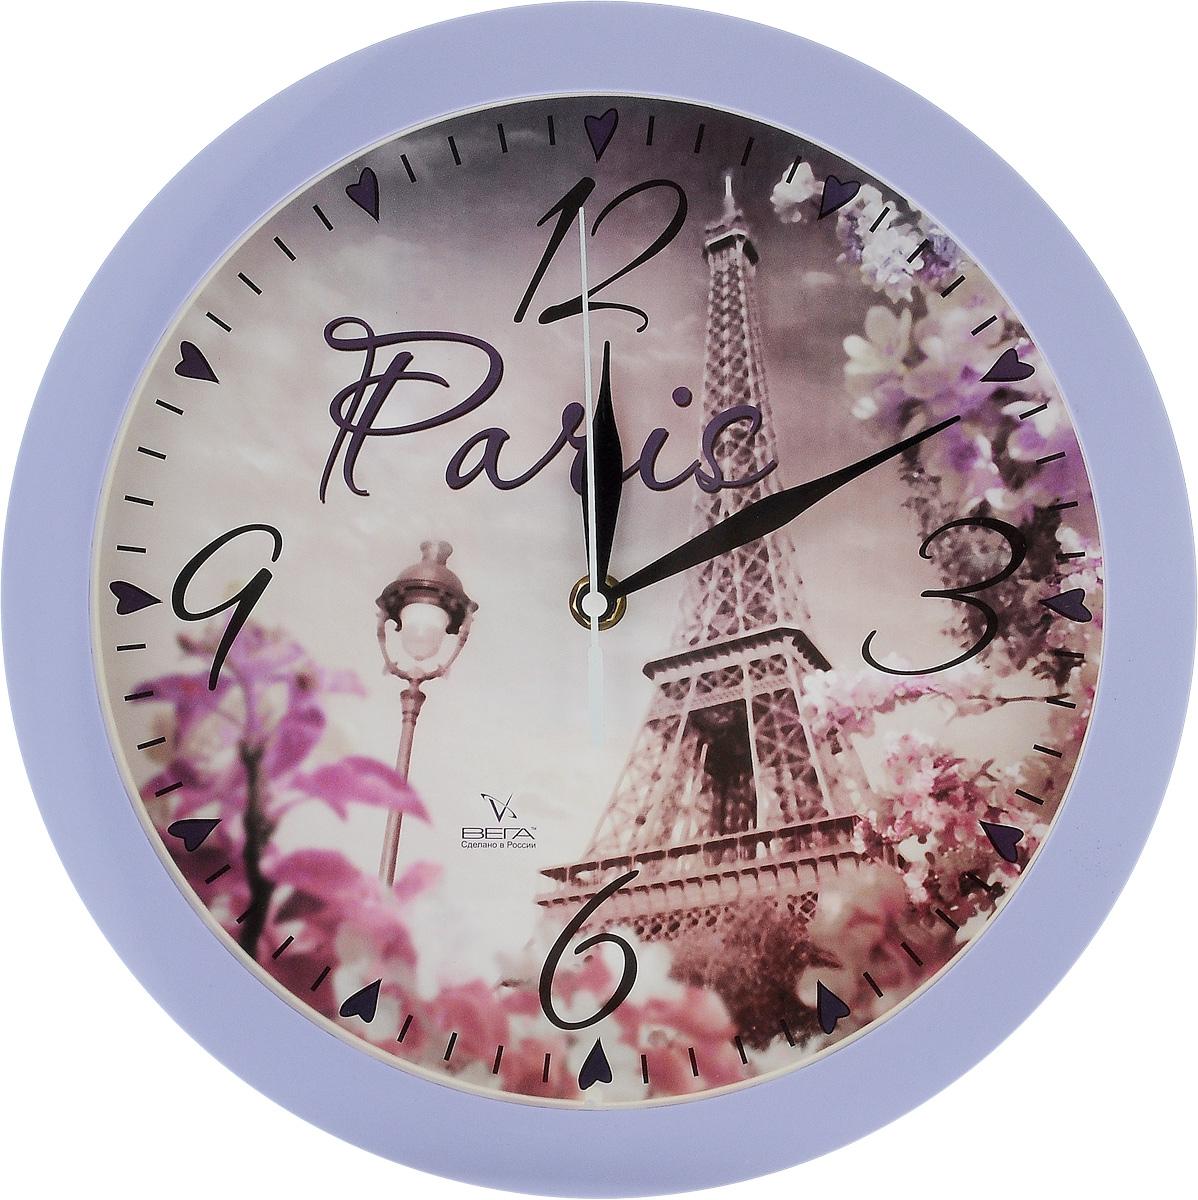 Часы настенные Вега Париж, диаметр 28,5 смП1-13/7-213Настенные кварцевые часы Вега Париж,изготовленные из пластика, прекрасно впишутся винтерьер вашего дома. Часы имеют три стрелки: часовую,минутную и секундную, циферблат защищен прозрачнымстеклом.Часы работают от 1 батарейки типа АА напряжением 1,5 В(не входит в комплект). Прилагается инструкция по эксплуатации.